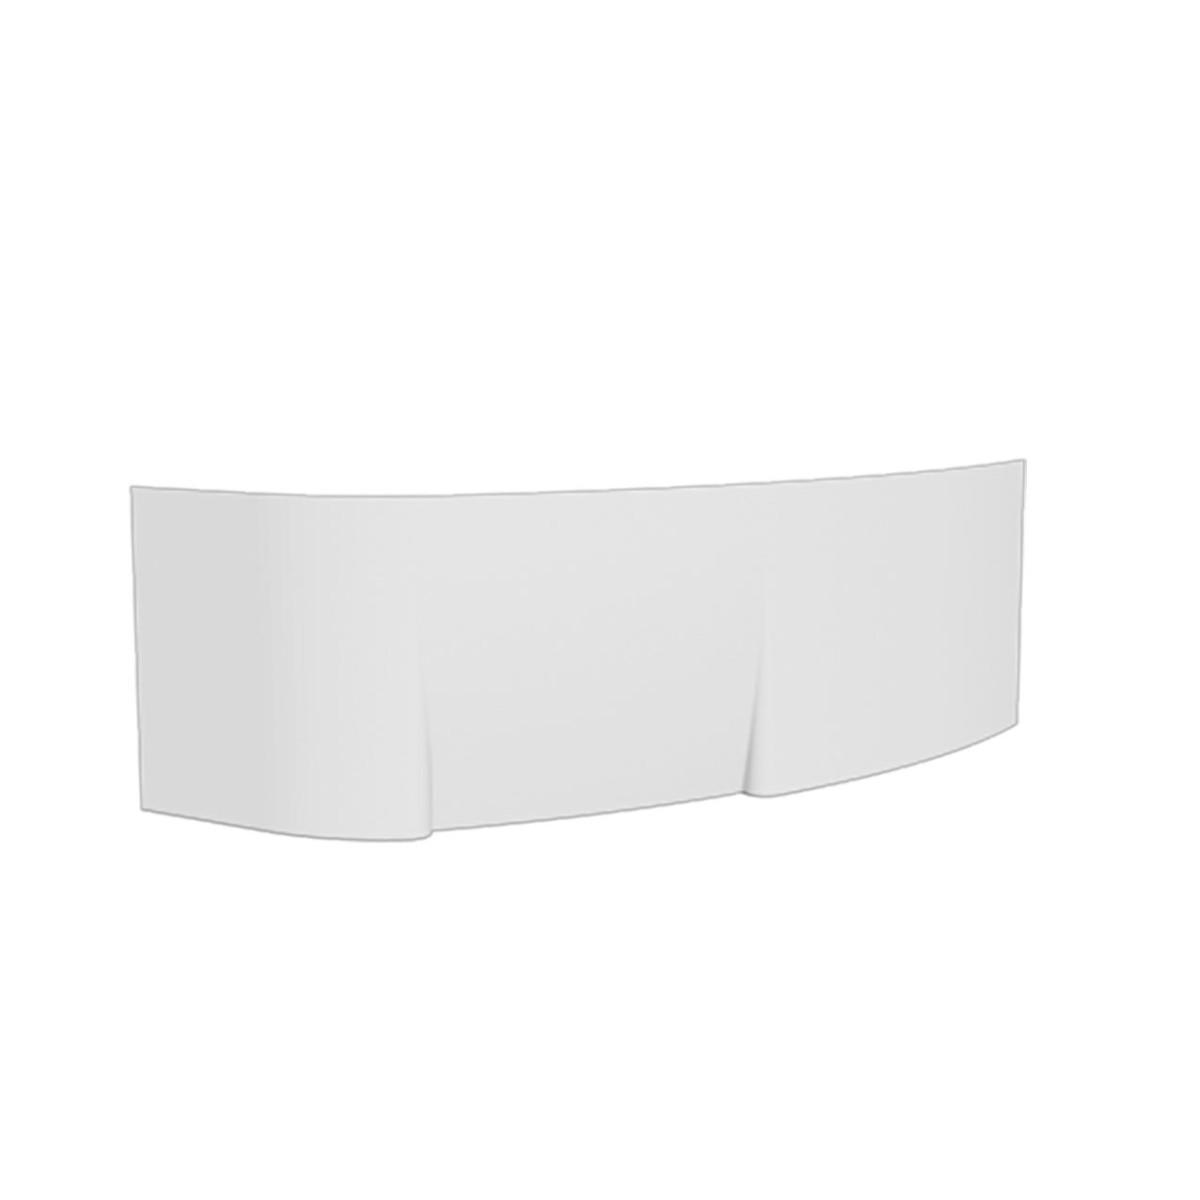 Передняя панель для ванны Ravak Asymmetric левая 170 см + крепеж CZ48100000